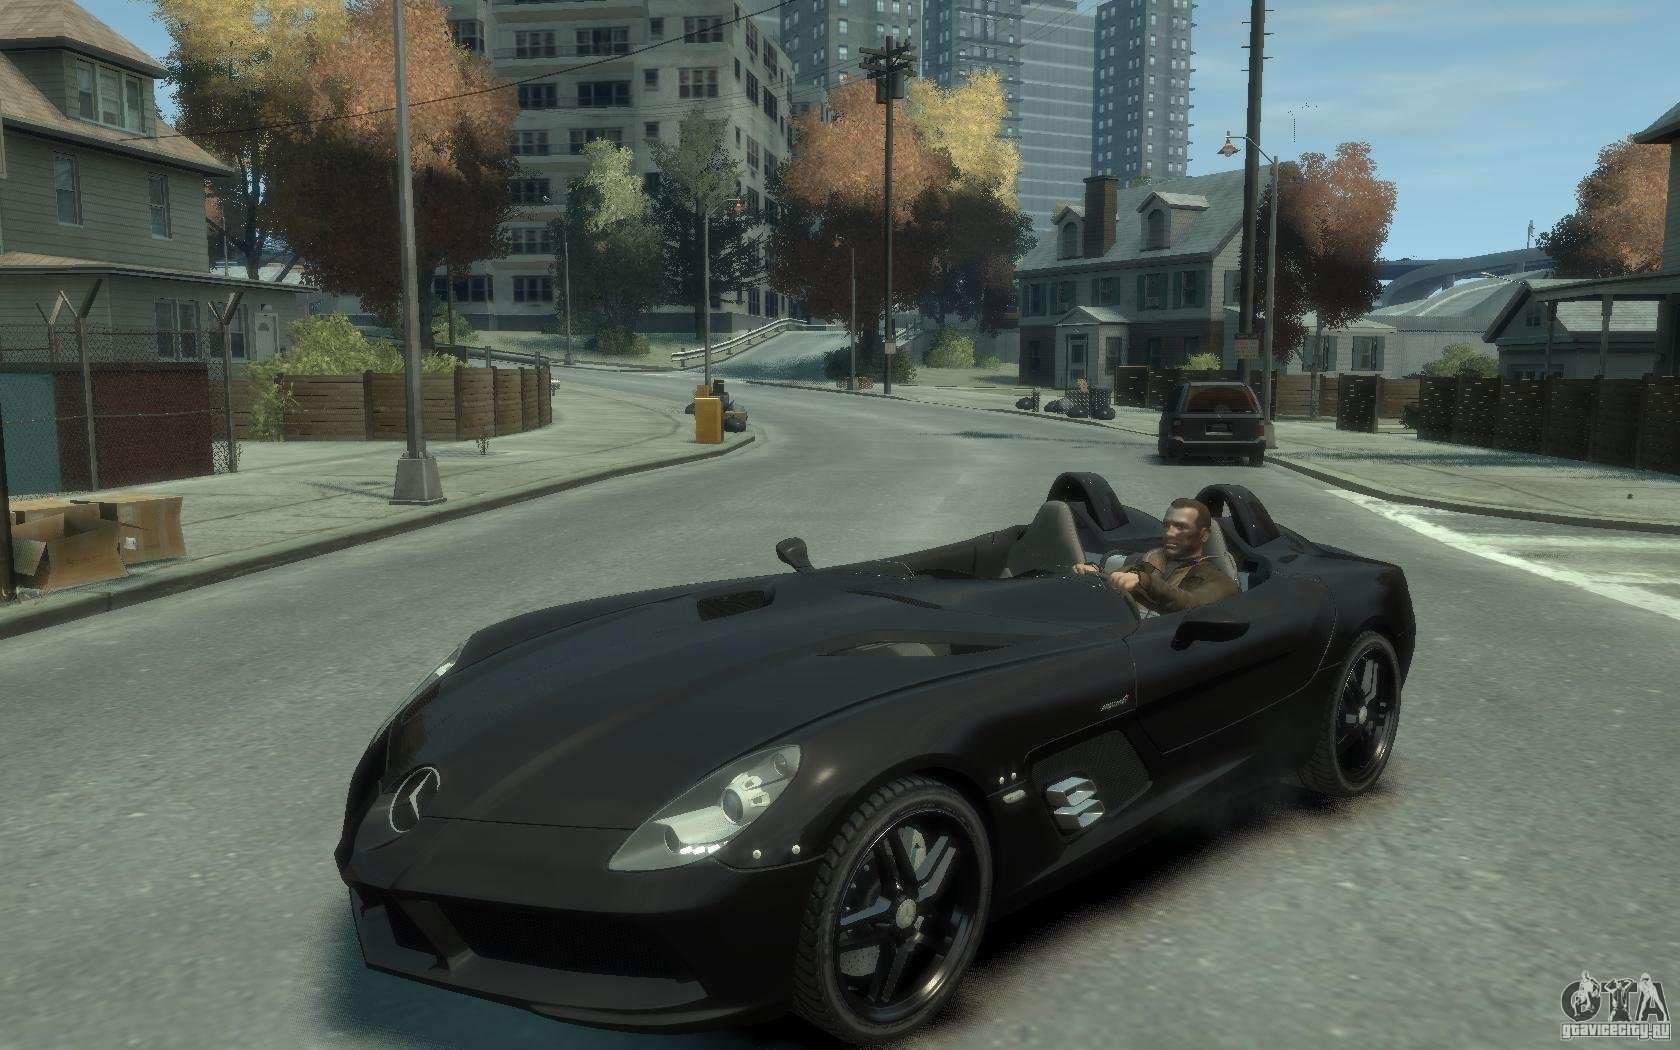 Mercedes benz slr mclaren stirling moss 2010 epm for gta 4 for Moss mercedes benz